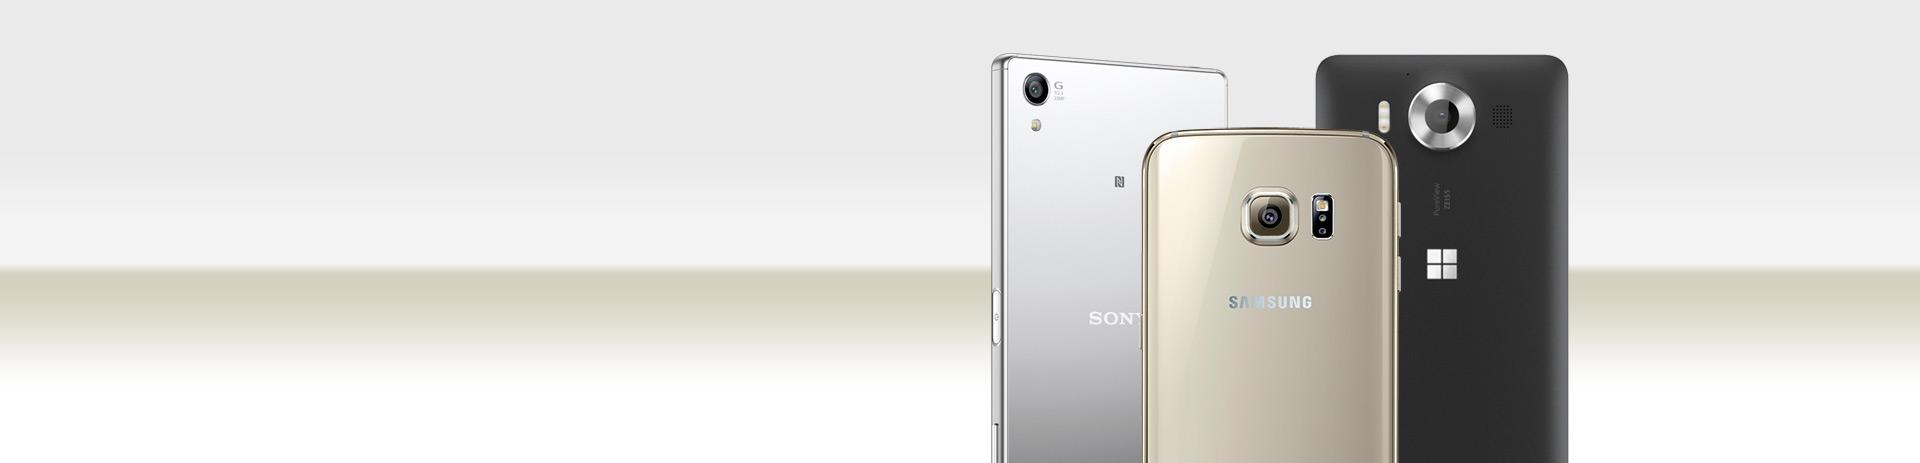 Rückseiten von 3 Smartphones - Sony, Samsung, Windows